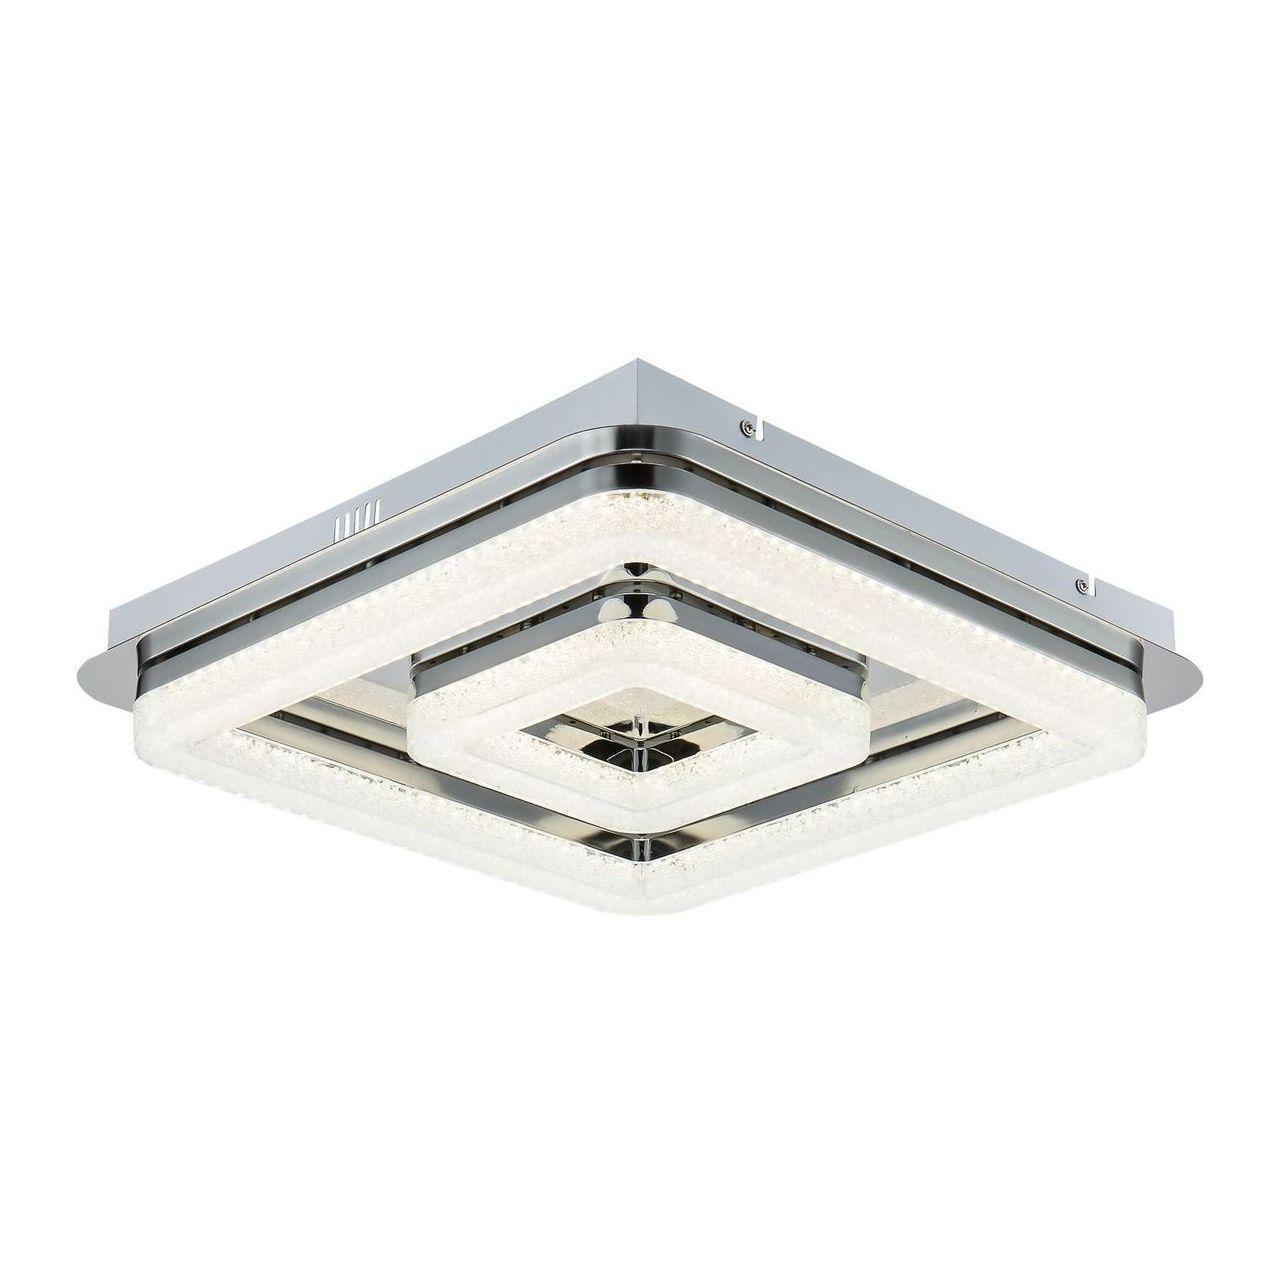 Потолочный светодиодный светильник Freya Сaprice FR6002CL-L37CH freya потолочный светодиодный светильник freya severus fr6006cl l54w